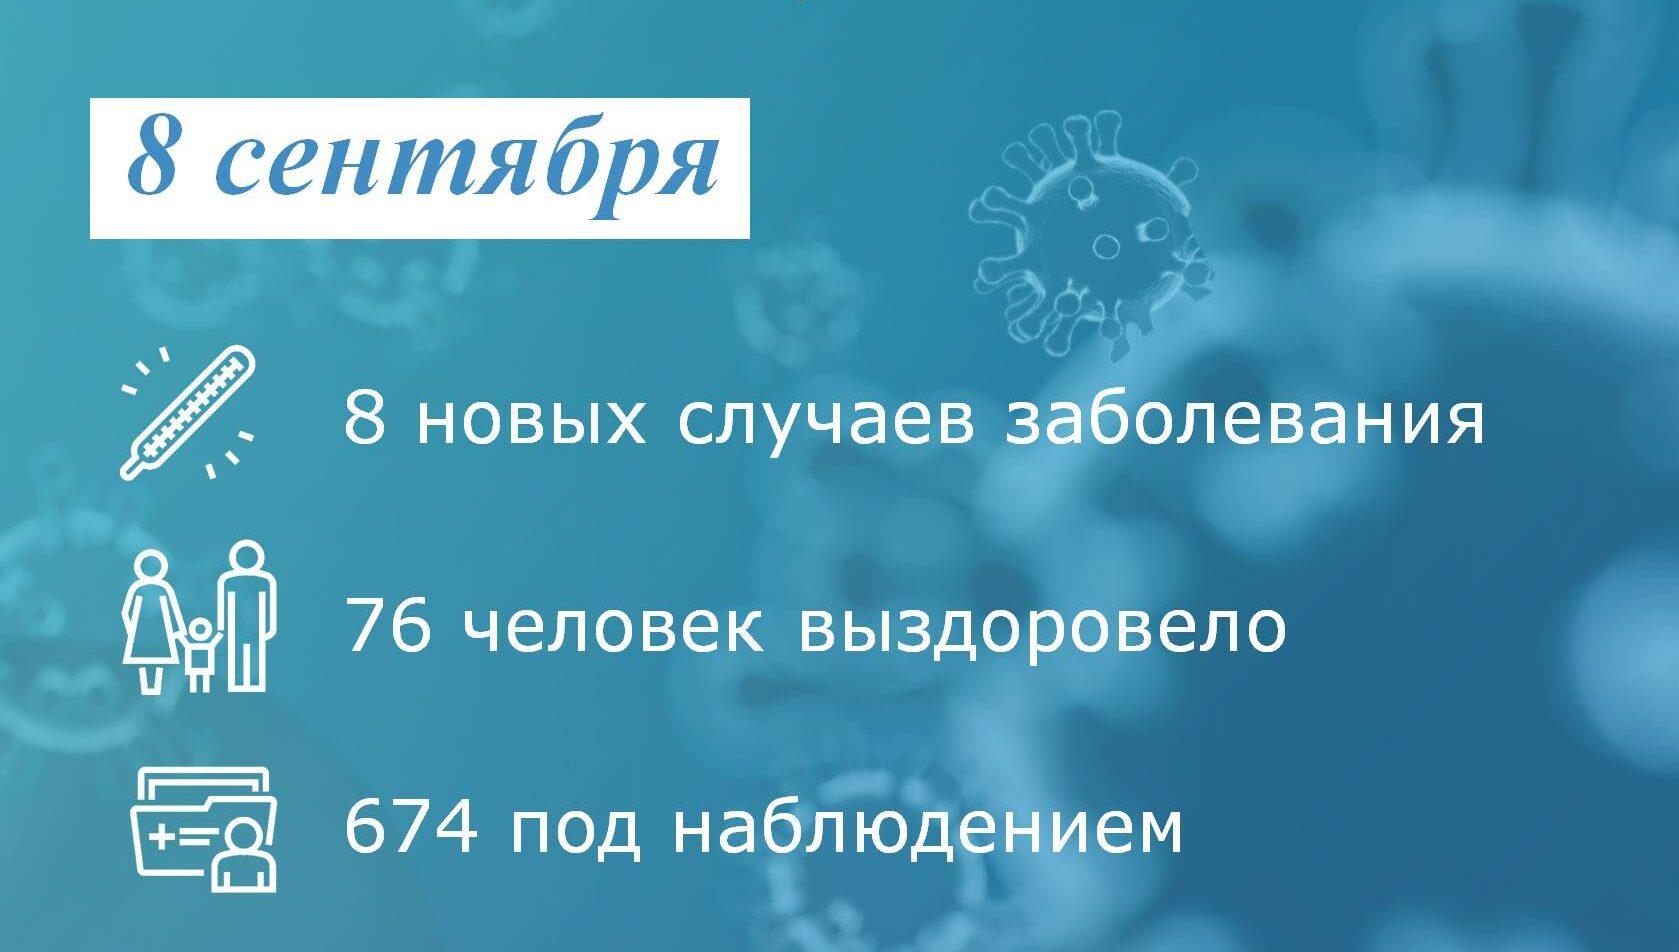 Коронавирус: в Таганроге за сутки заболели 8 человек